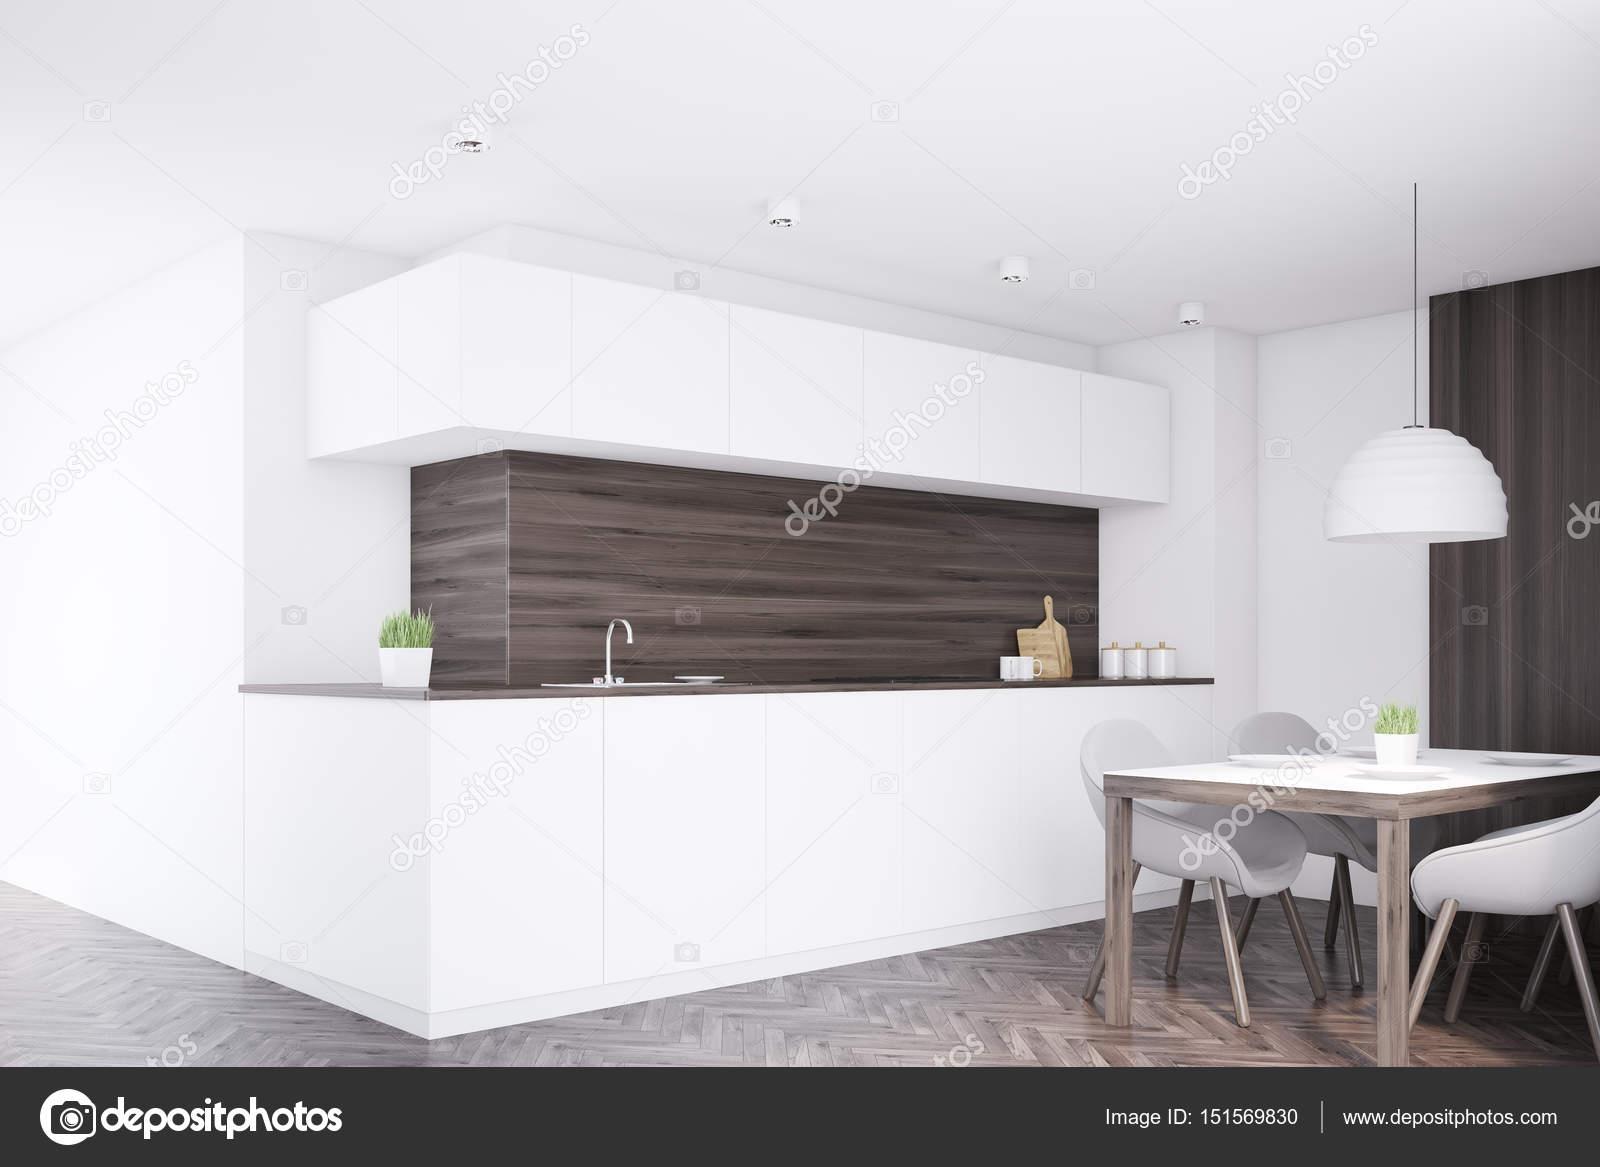 Dunkle Küchentheke, Tisch, Ecke — Stockfoto © denisismagilov #151569830